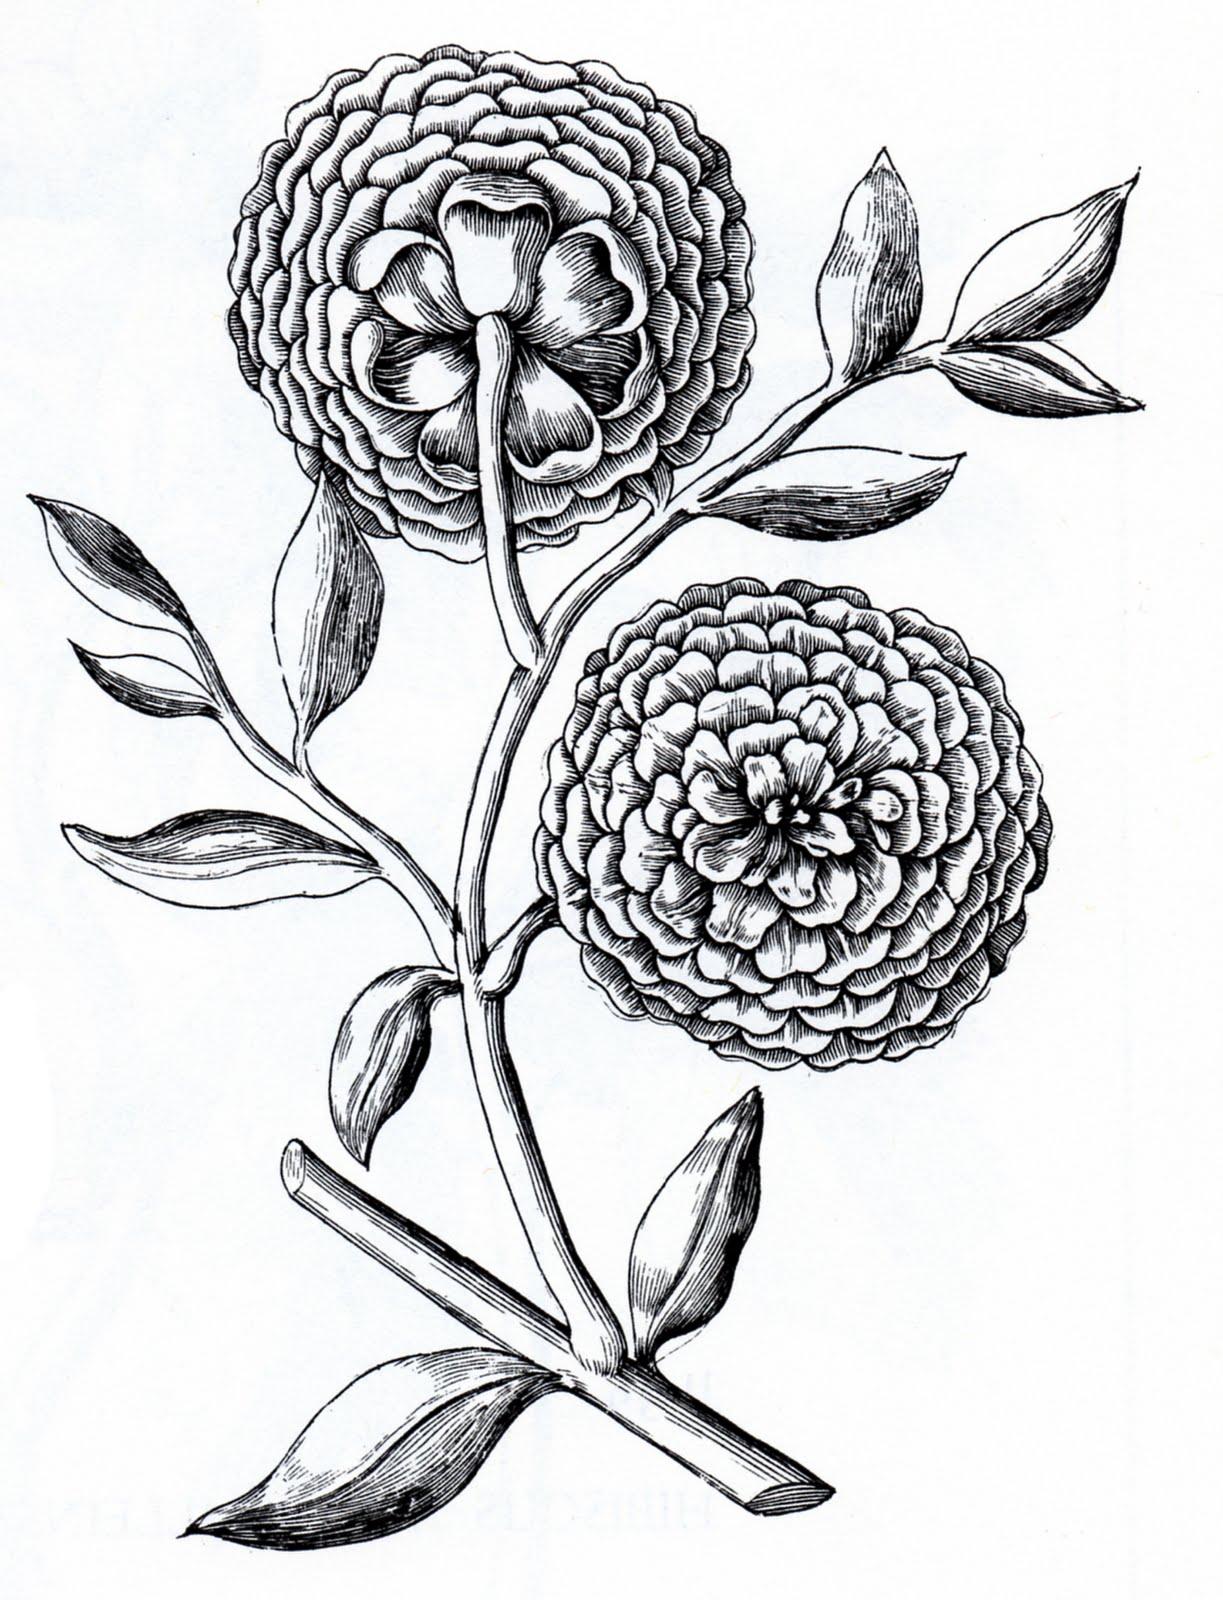 Vintage Flower clipart illustration Floral Vintage Floral Moth Clip